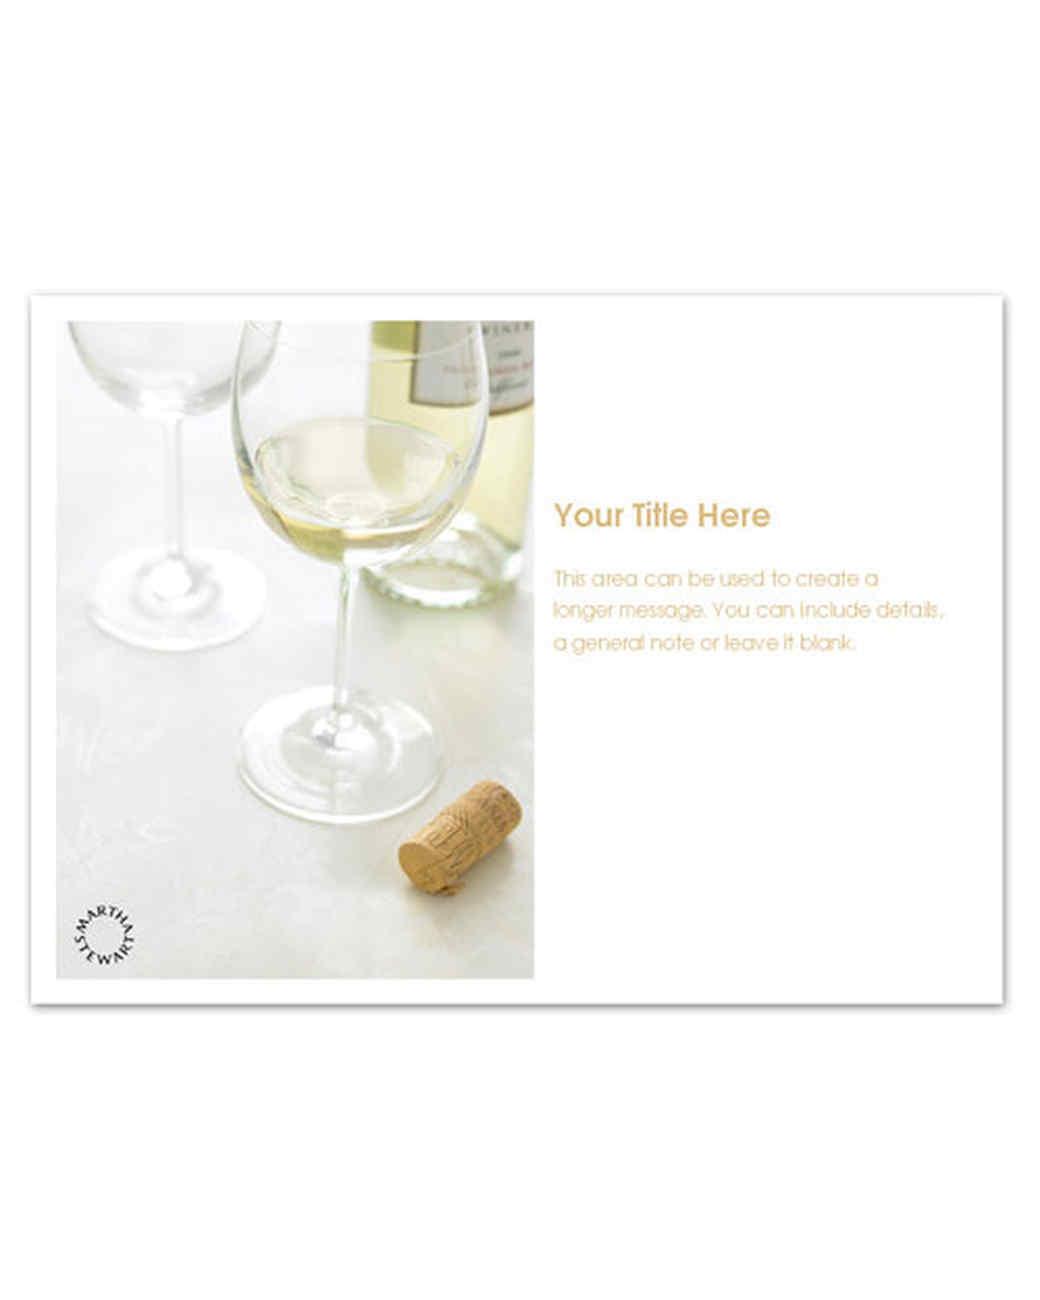 pingg_chilled_white_wine.jpg